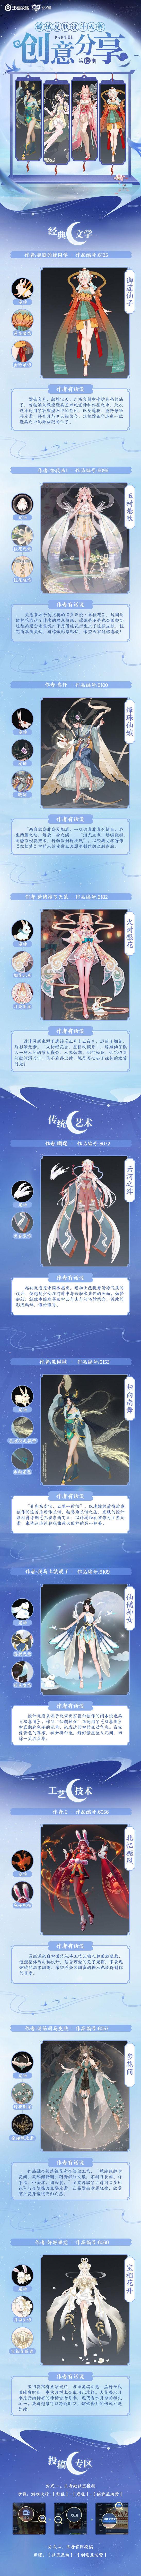 王者荣耀嫦娥皮肤设计大赛第10期皮肤鉴赏